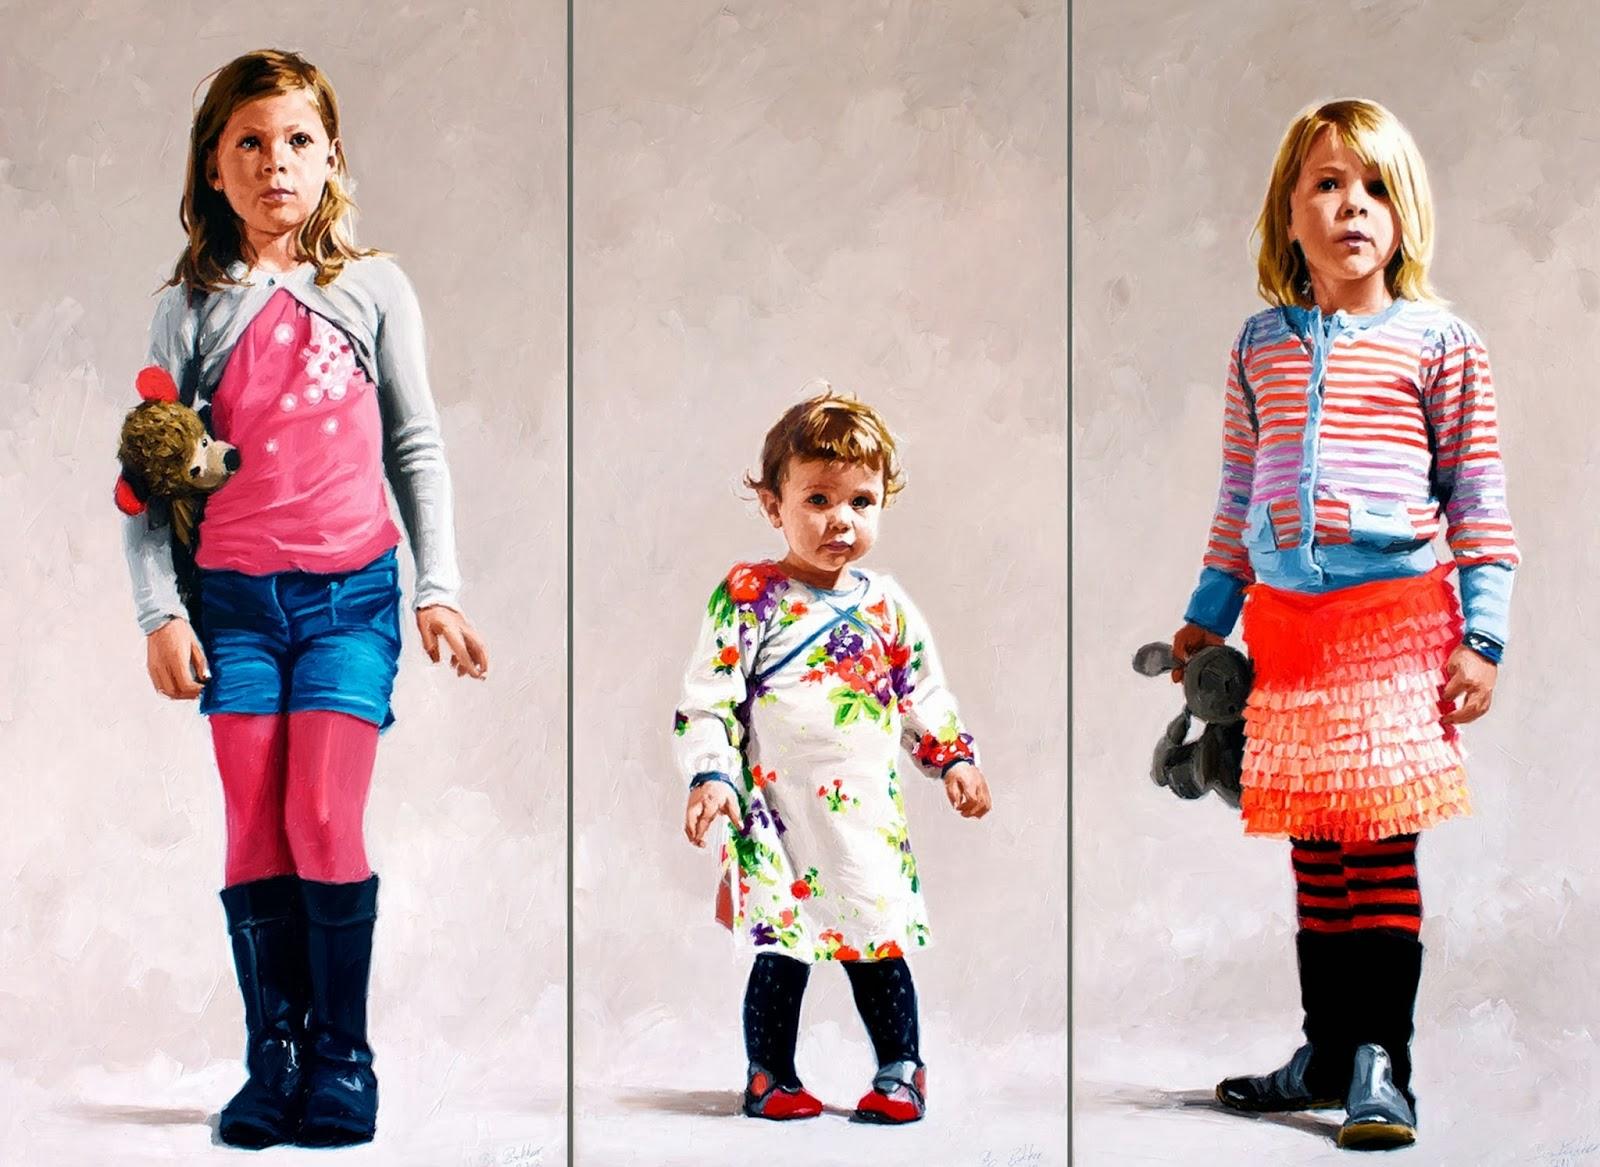 retratos-de-niñas-en-la-vida-cotidiana